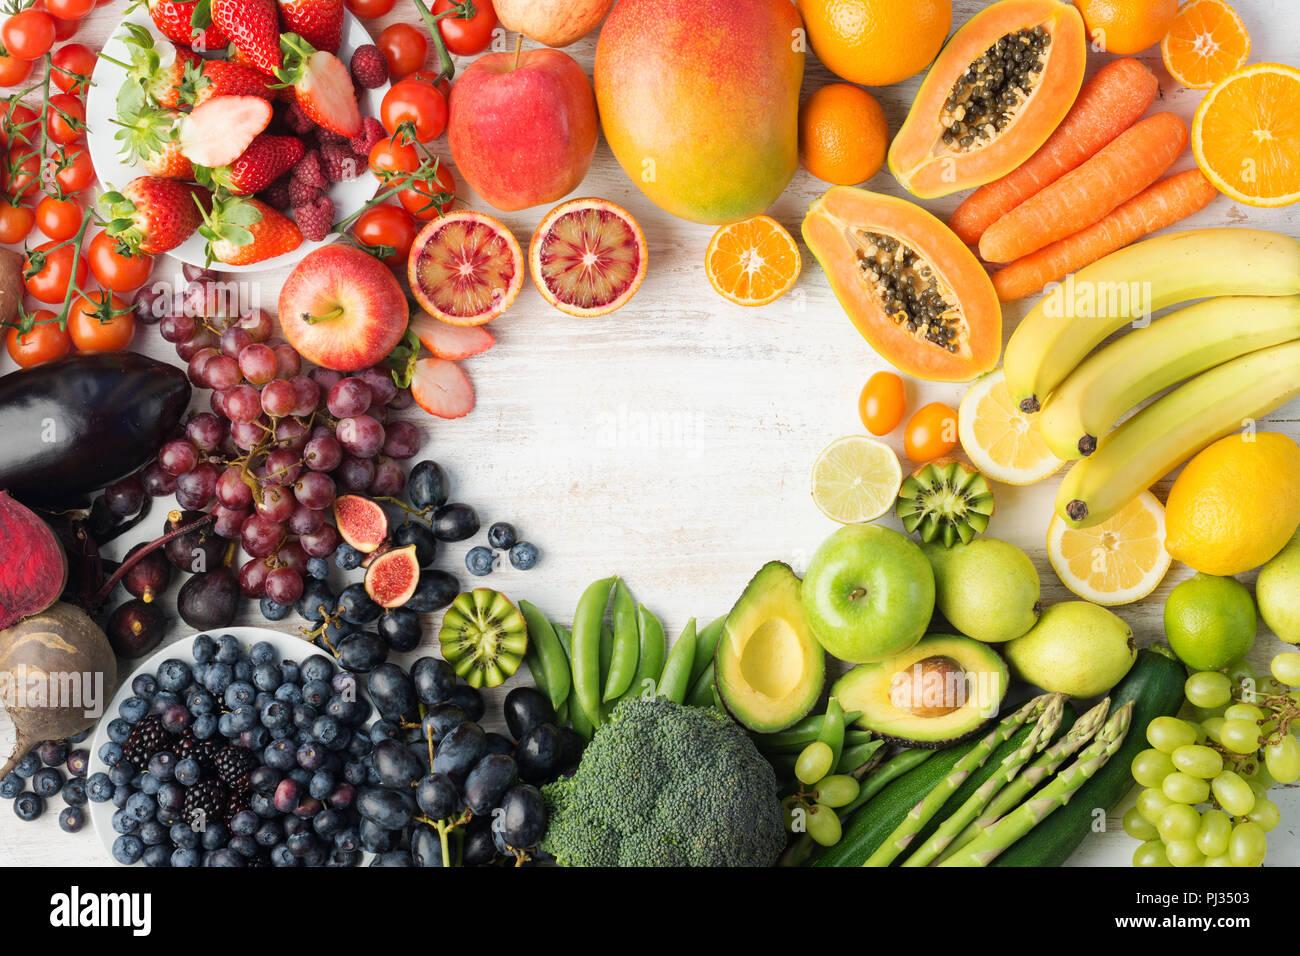 L'alimentation saine, l'varieity des fruits et légumes dans les couleurs arc-en-ciel sur l'off white table dans une trame avec copie espace vertical, vue de dessus, selective focus Photo Stock